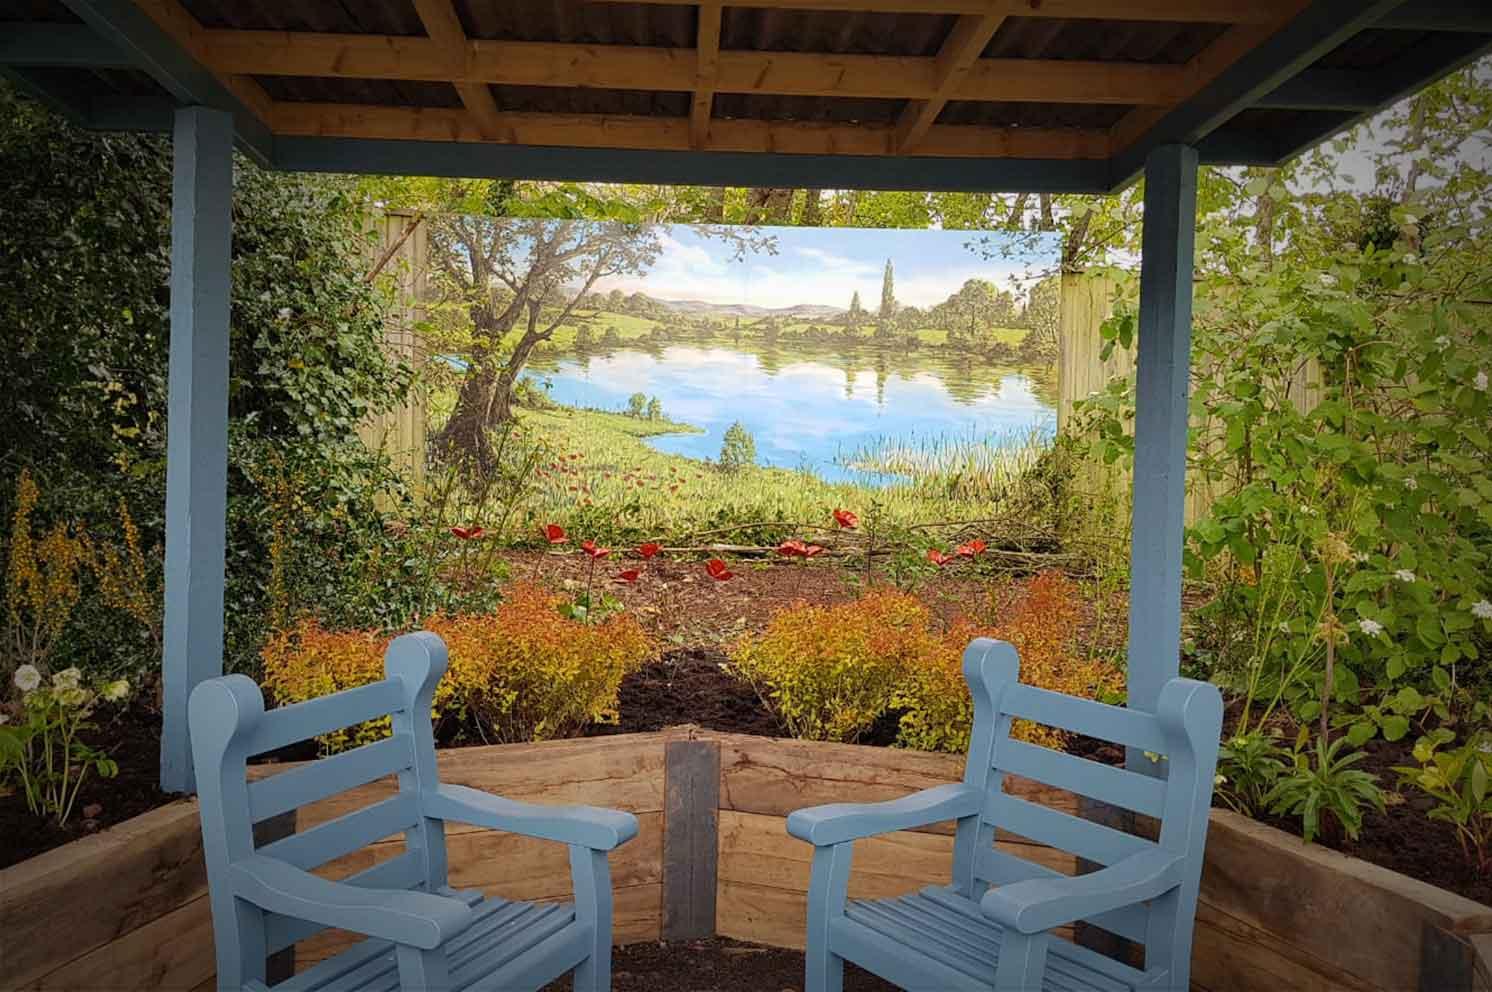 Thorndown-Paint-Love-Your-Garden-Taunton-Blog